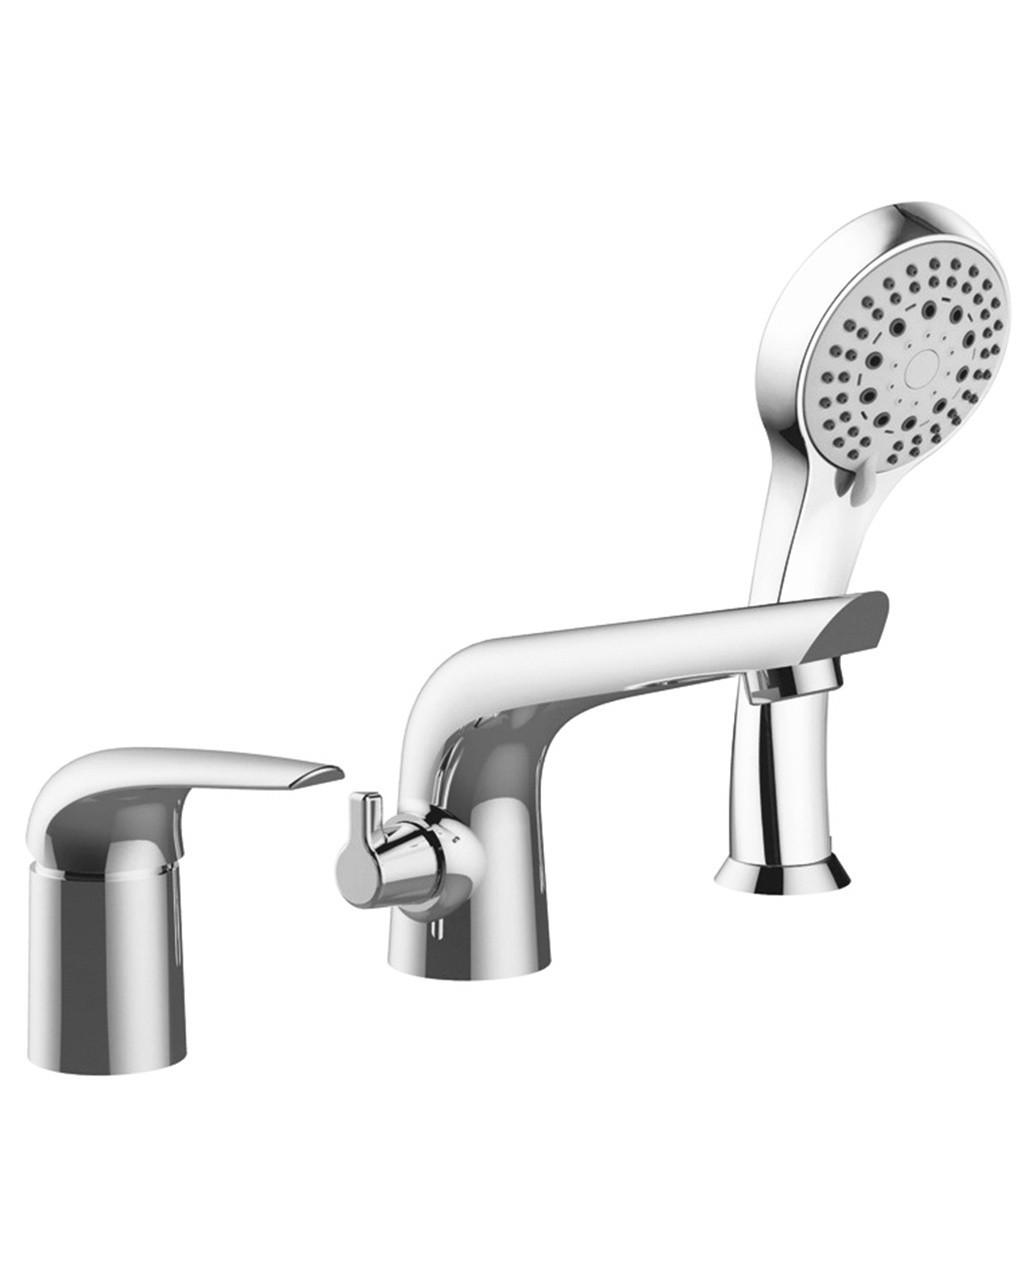 Смеситель на борт ванны на три отверстия Imprese Krinice 85110 хром